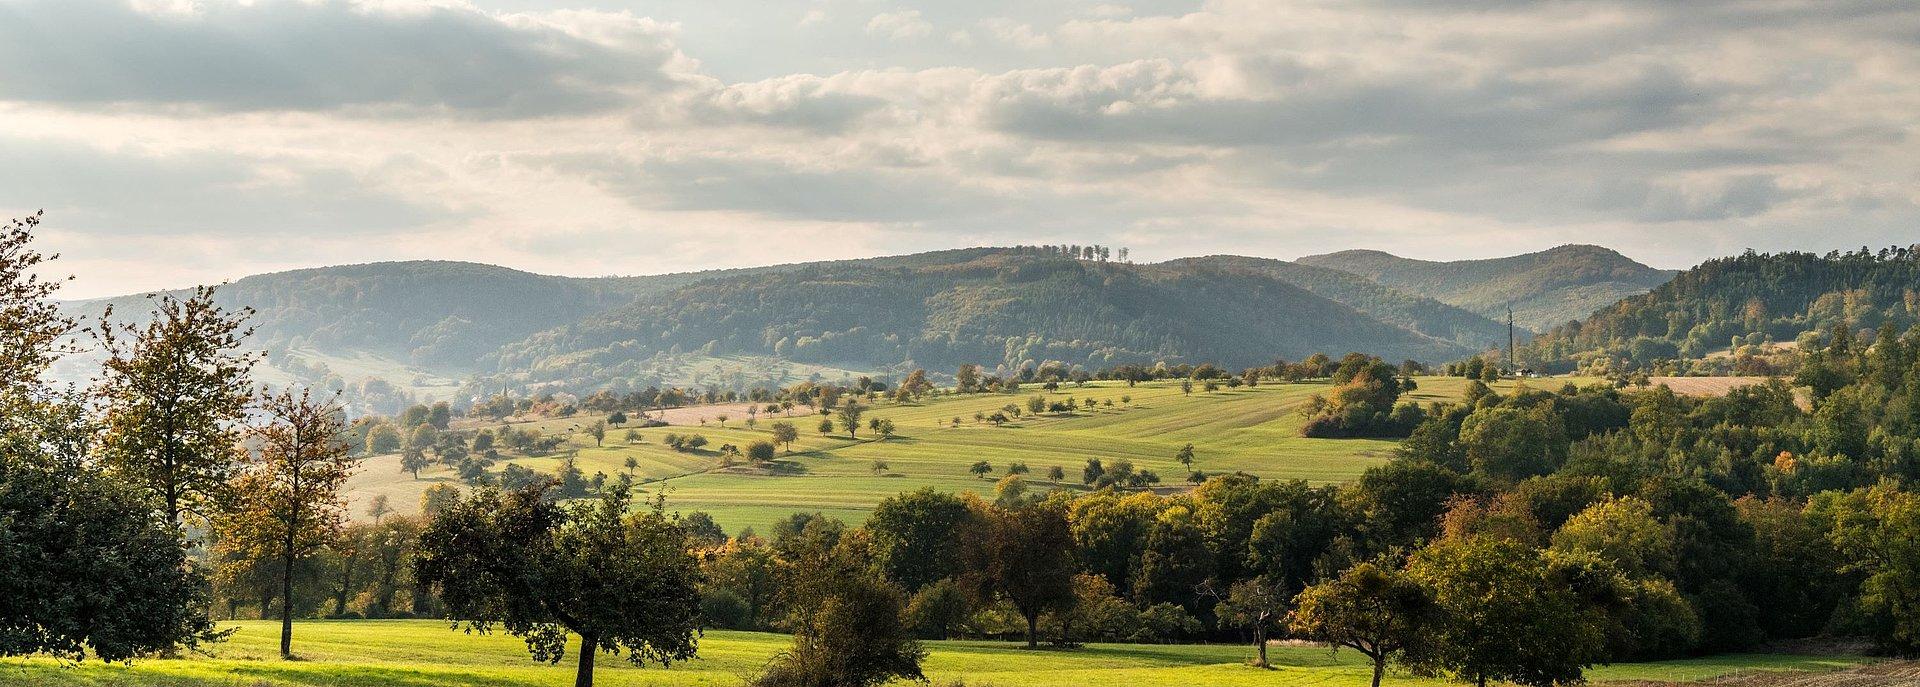 Deutsch-französischer Burgenweg im Pfälzerwald, Pfalz